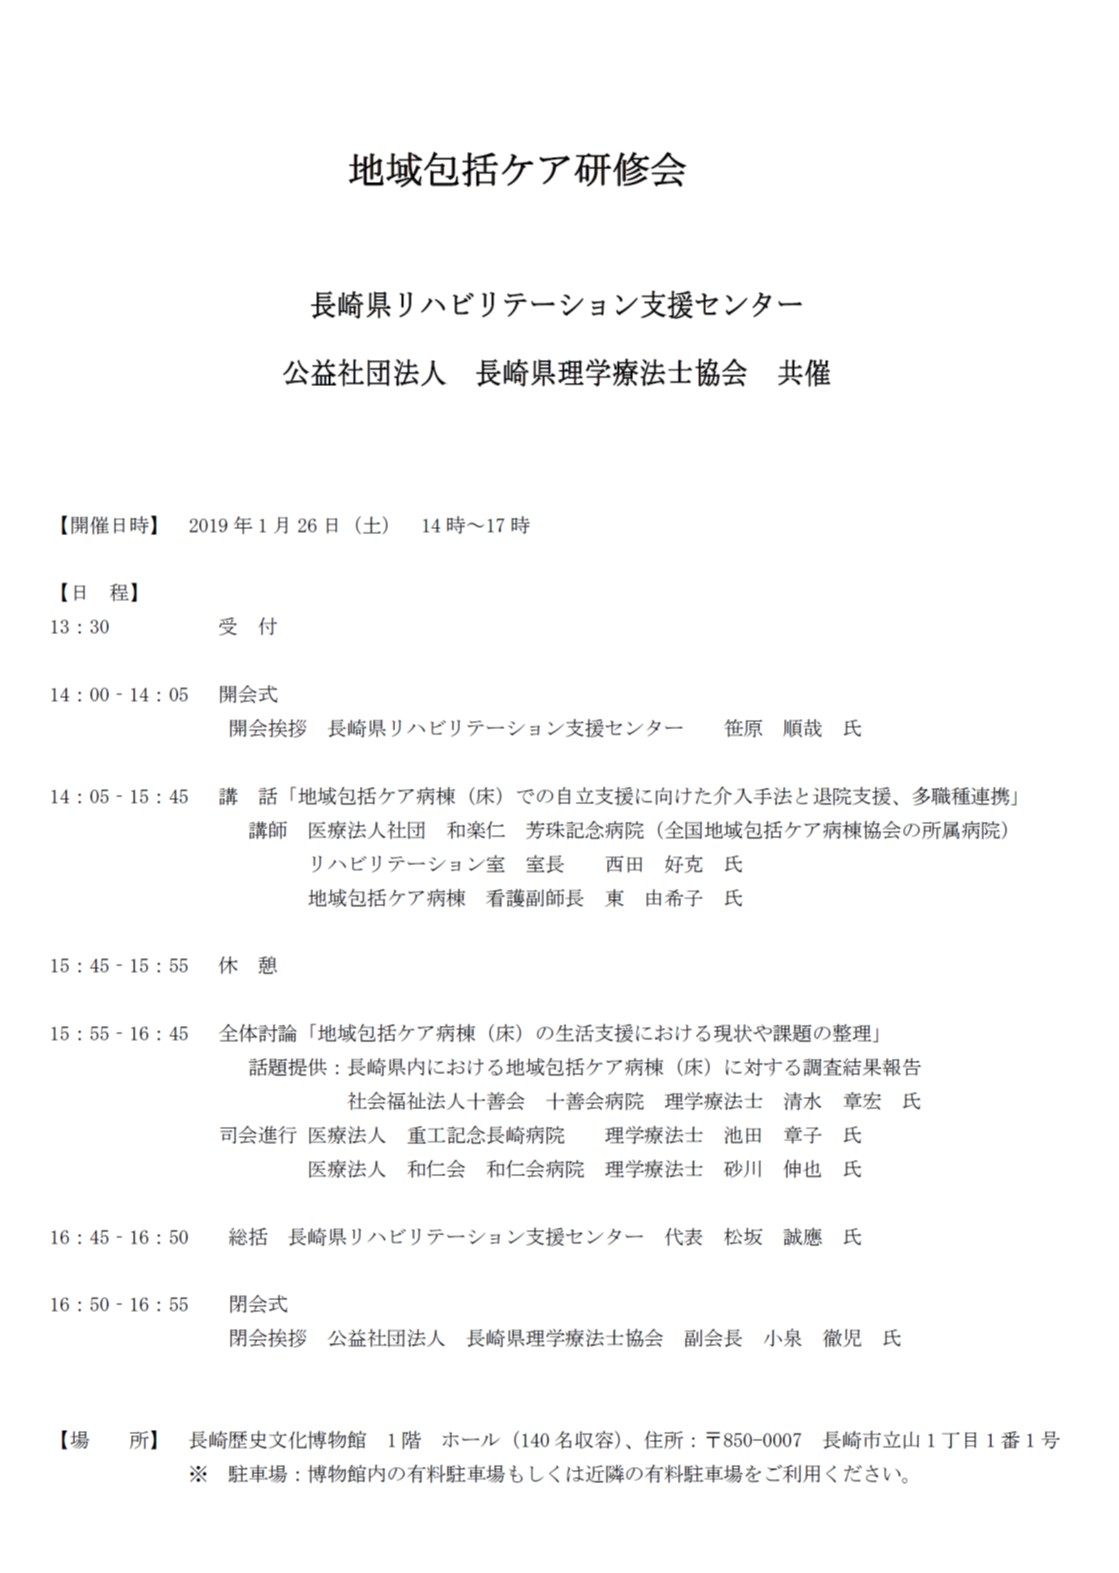 長崎県リハビリテーション支援センター主催 地域包括ケア研修会(本協会共催) @ 長崎歴史文化博物館 1階 ホール